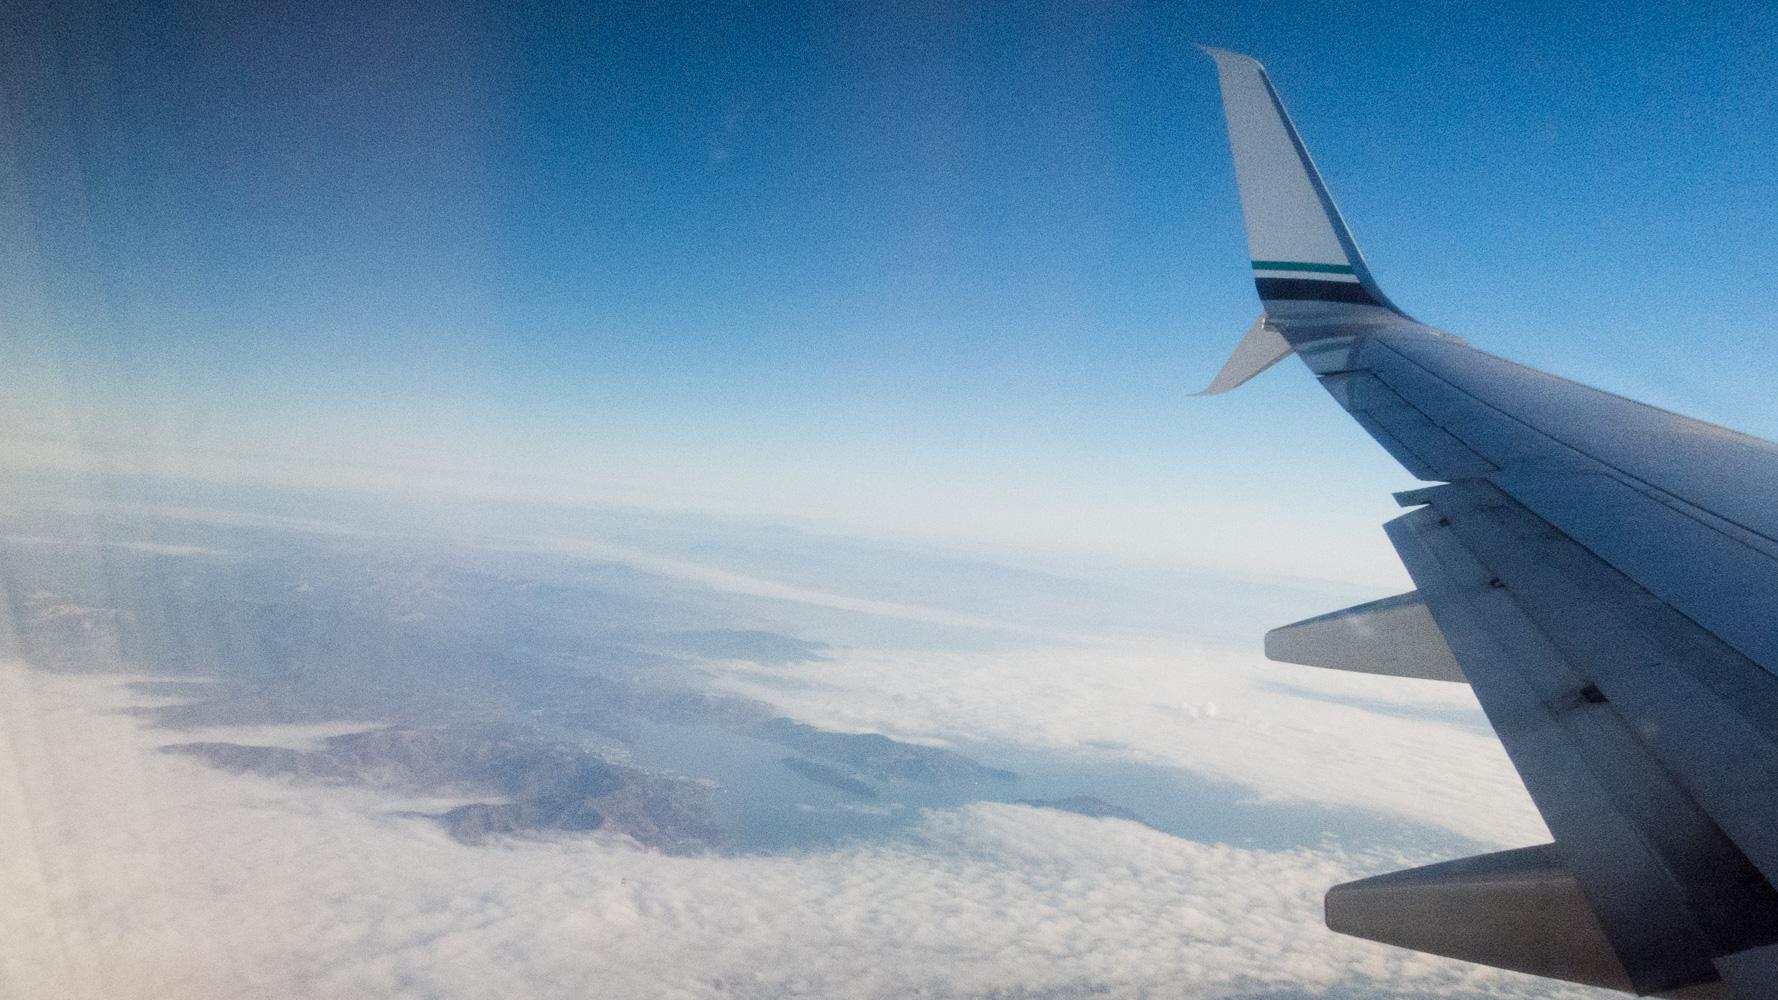 day-trip-air-travel.jpg (1778×1000)